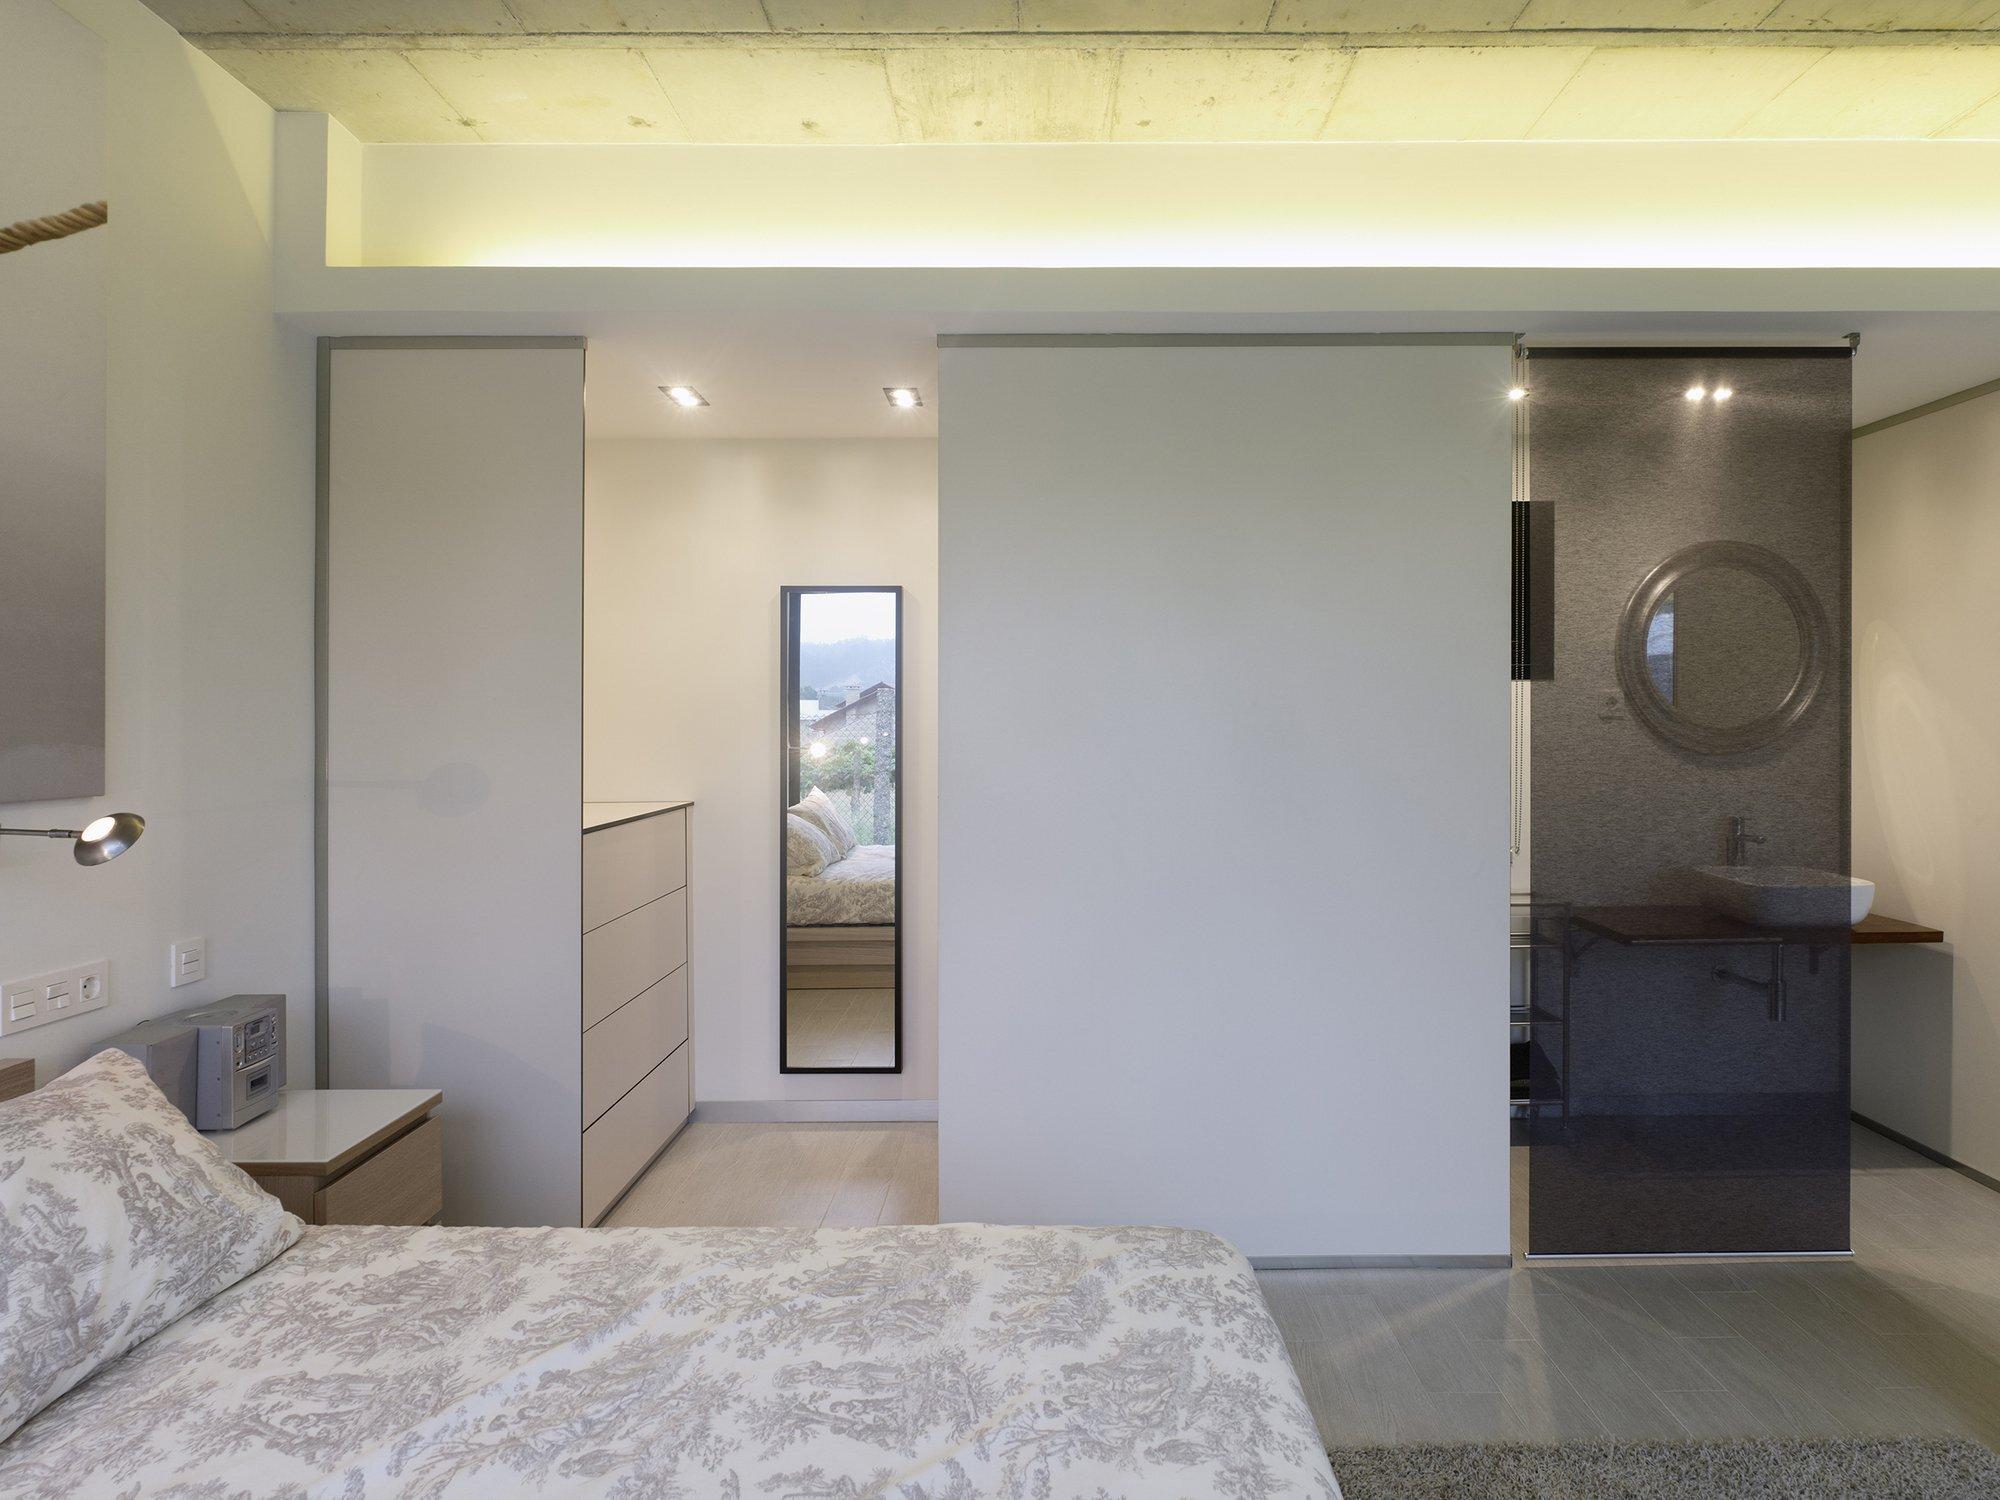 Renovación de Vivienda en Rubianes - Small House - Nan Arquitectos - Spain - Bedroom - Humble Homes